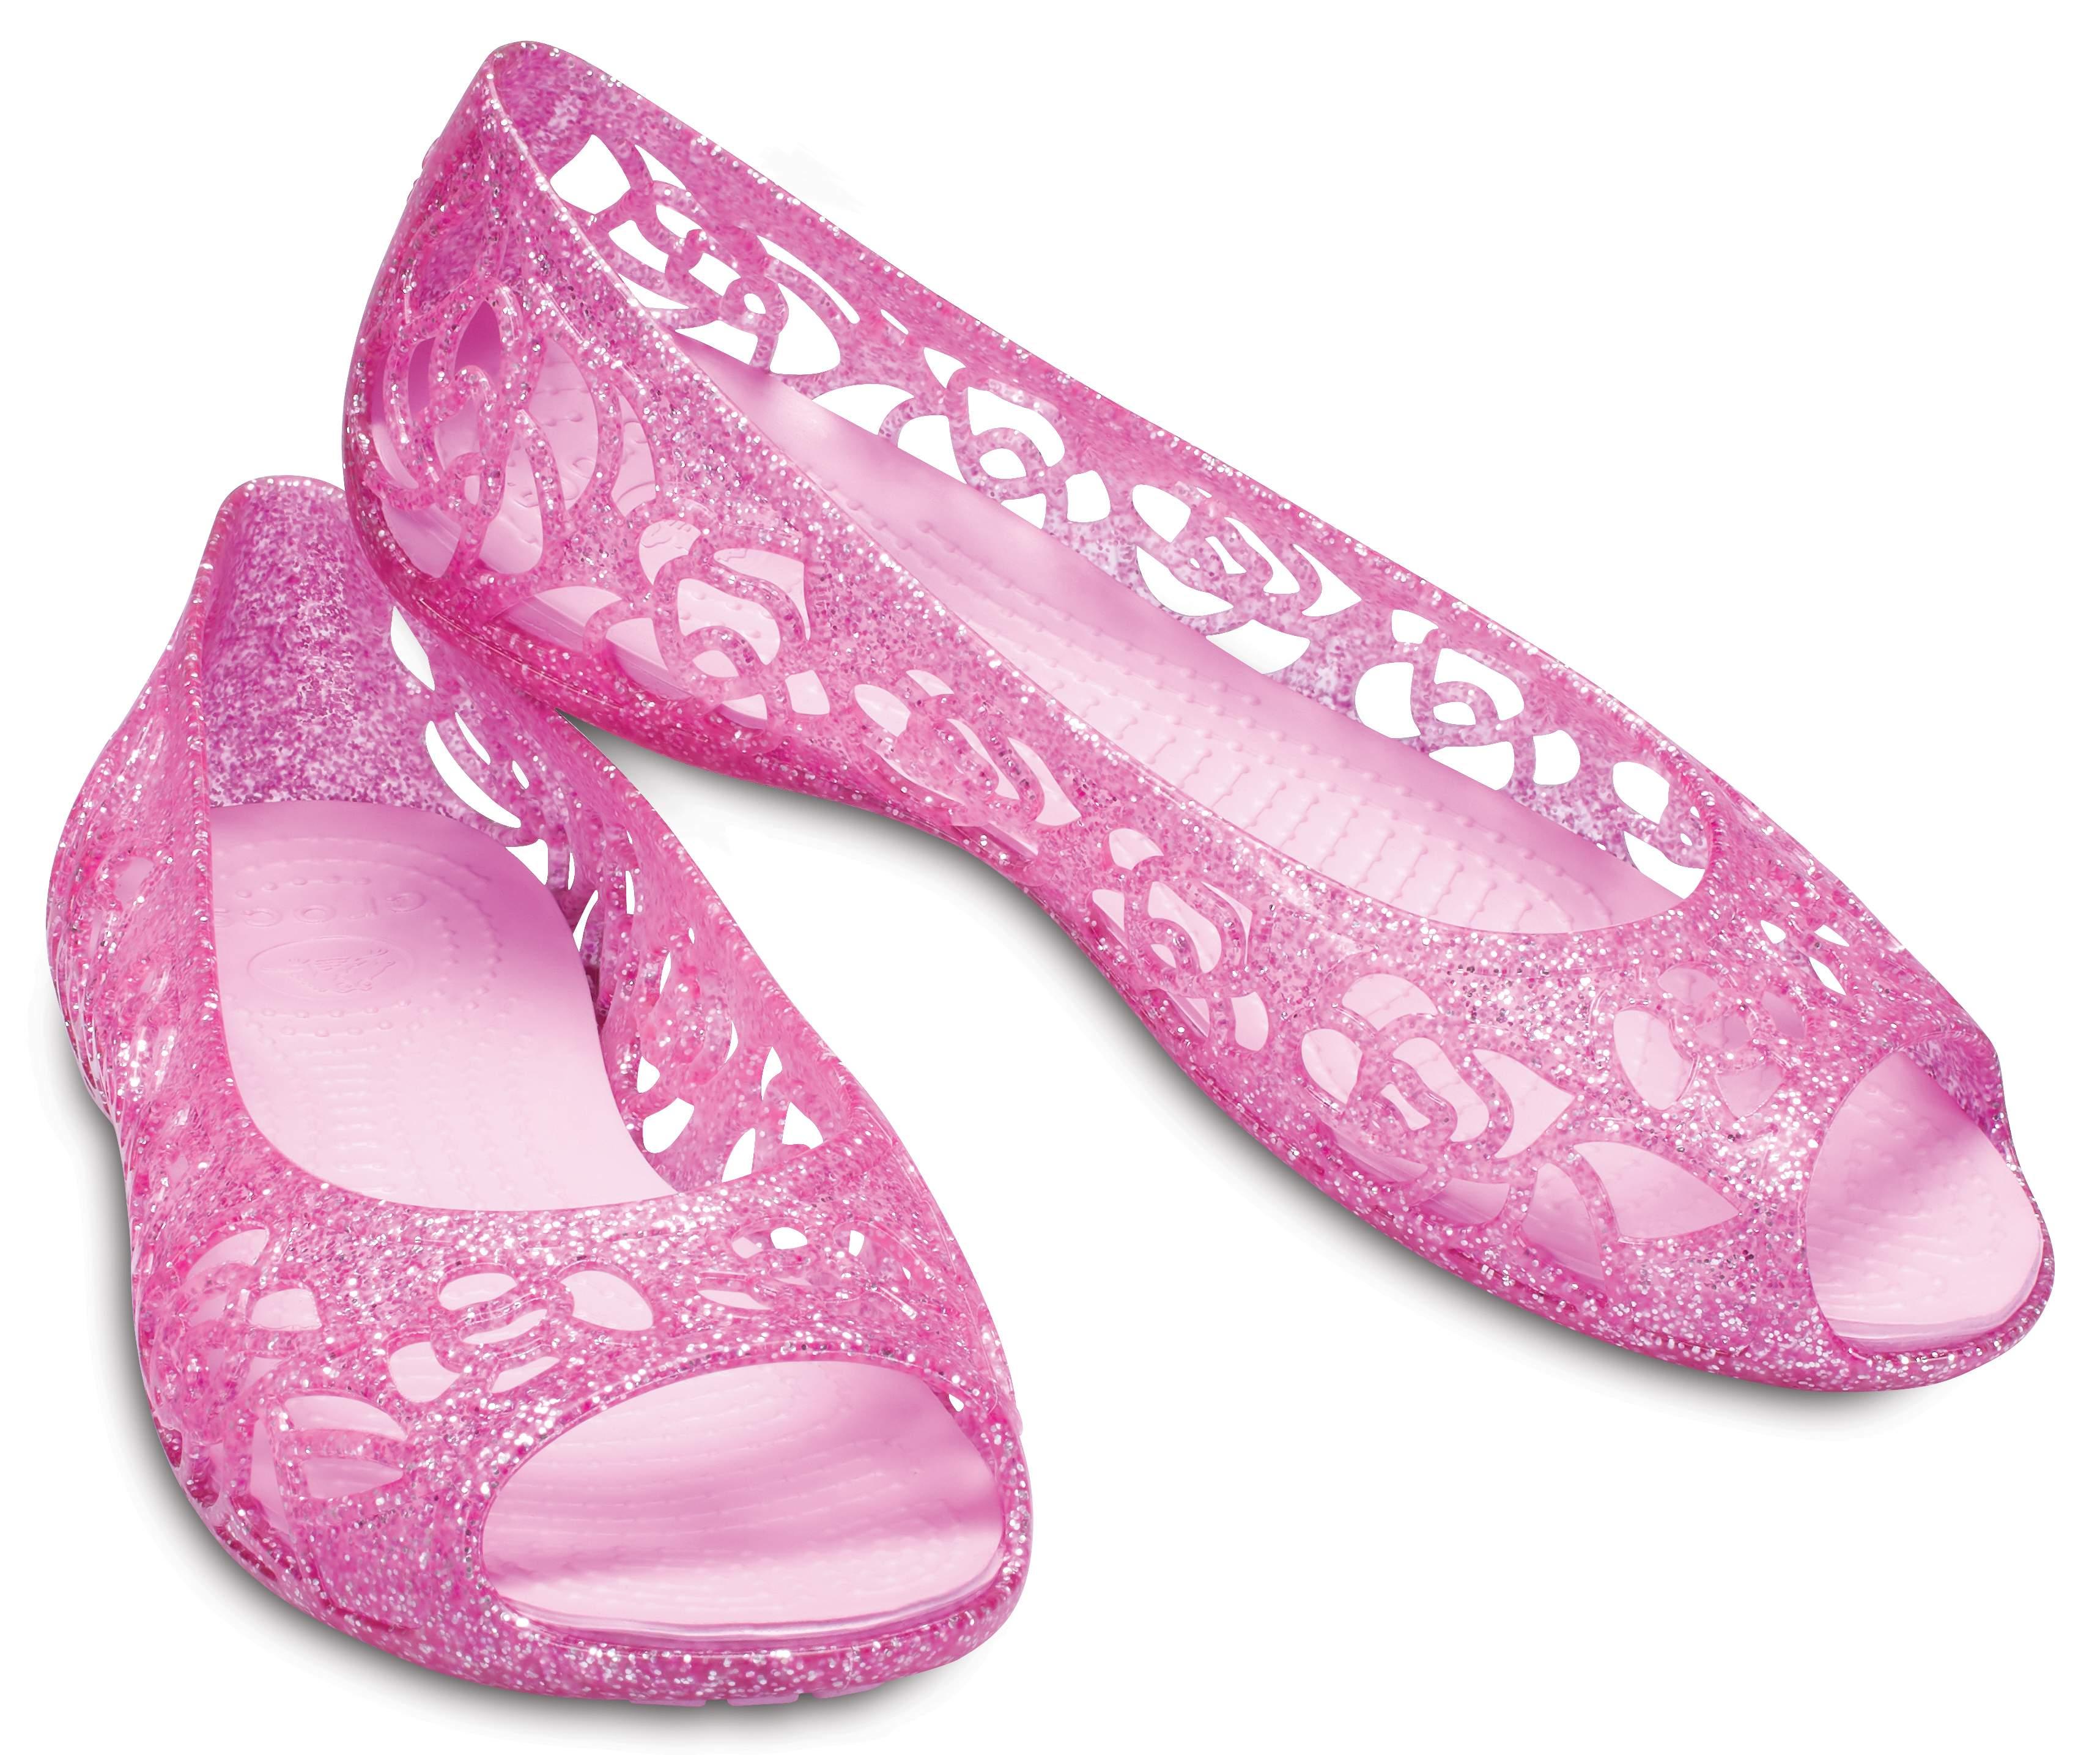 【クロックス公式】 クロックス イザベラ グリッター フラット GS Kids' Crocs Isabella Glitter Flat ガールズ、キッズ、子供用、女の子 ピンク/ピンク 24cm flat フラットシューズ バレエシューズ ぺたんこシューズ 10%OFF